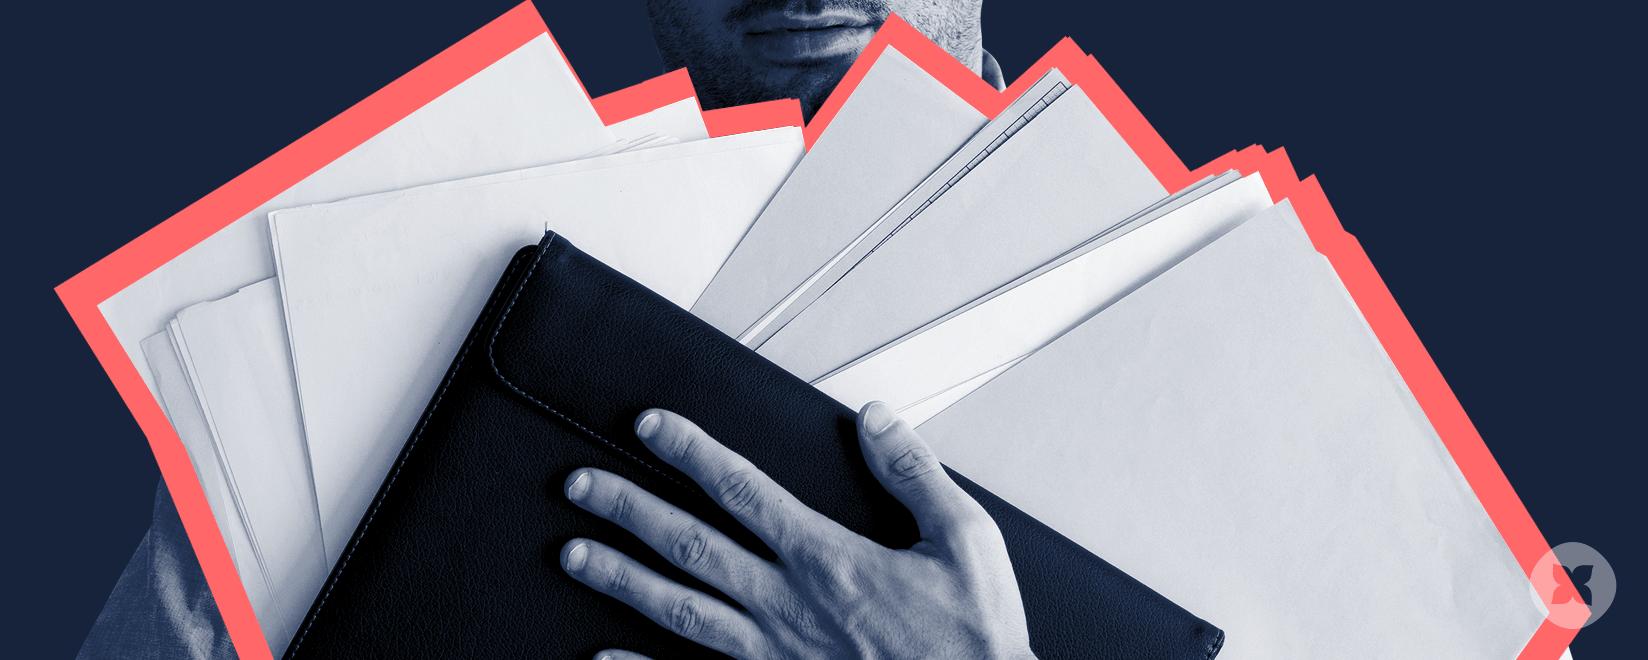 Штатное расписание: как оформить его по всем правилам в 2019 году, скачать образец